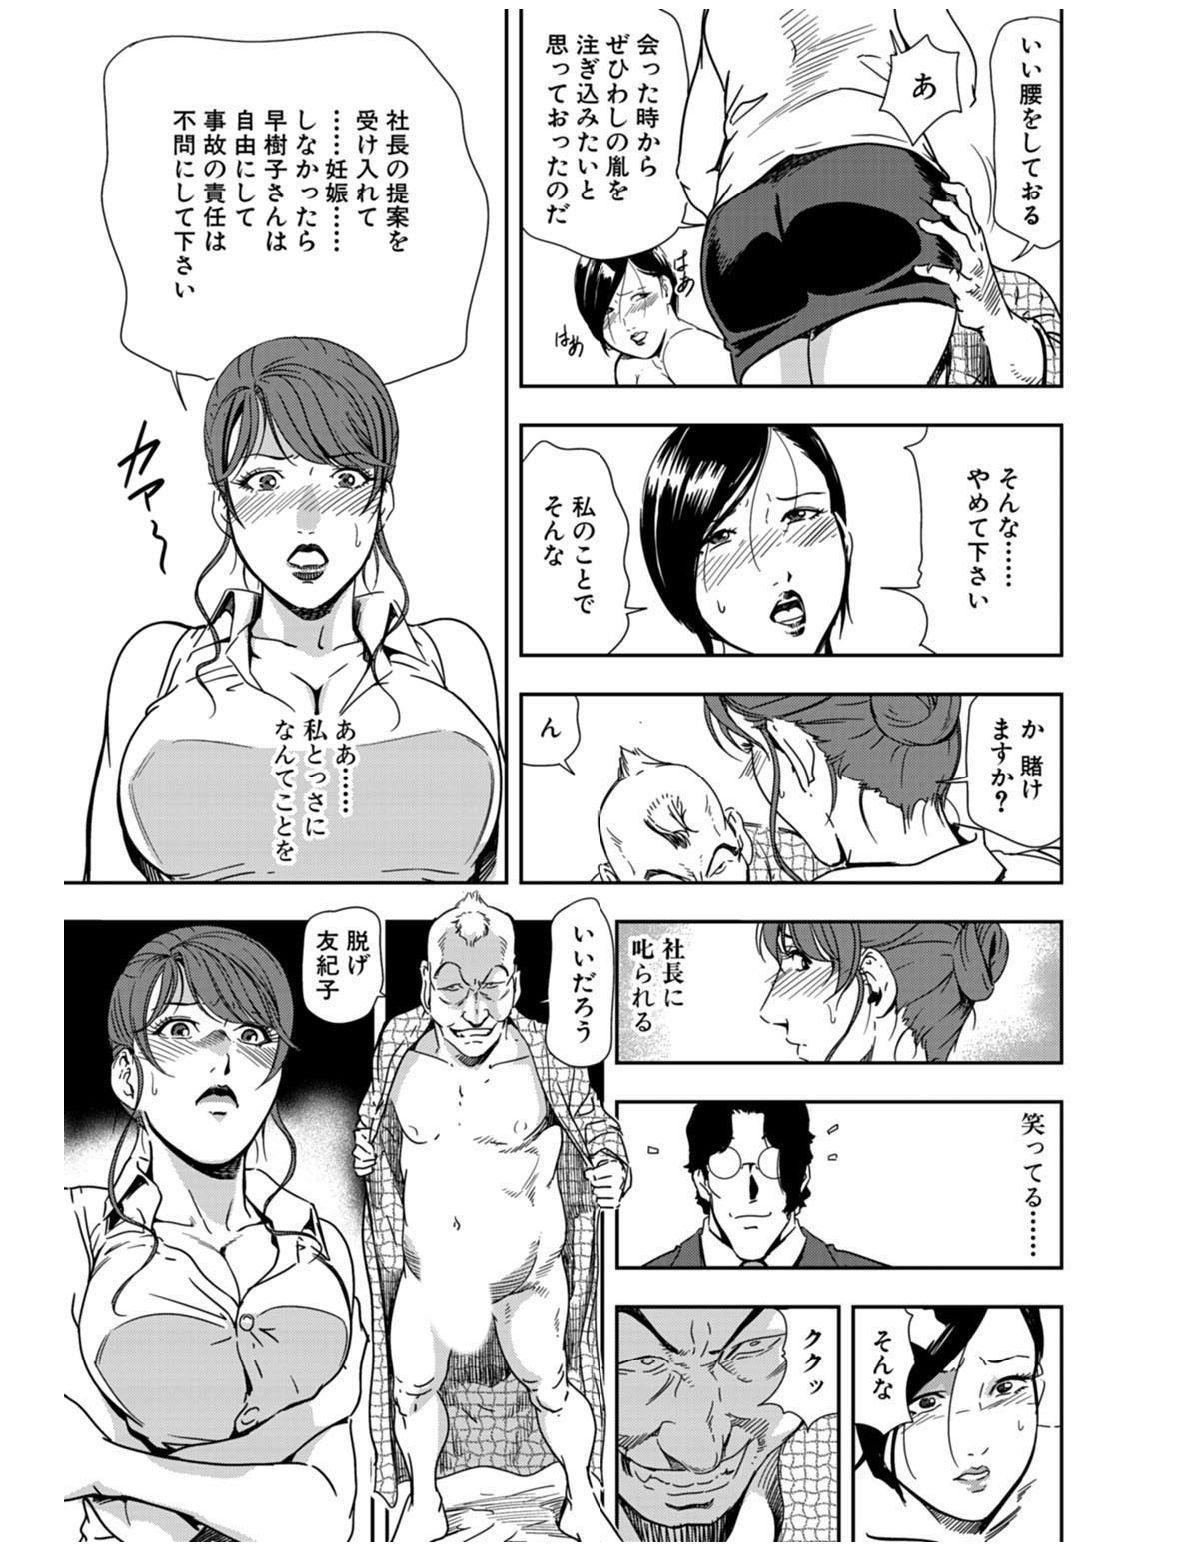 Nikuhisyo Yukiko 21 112